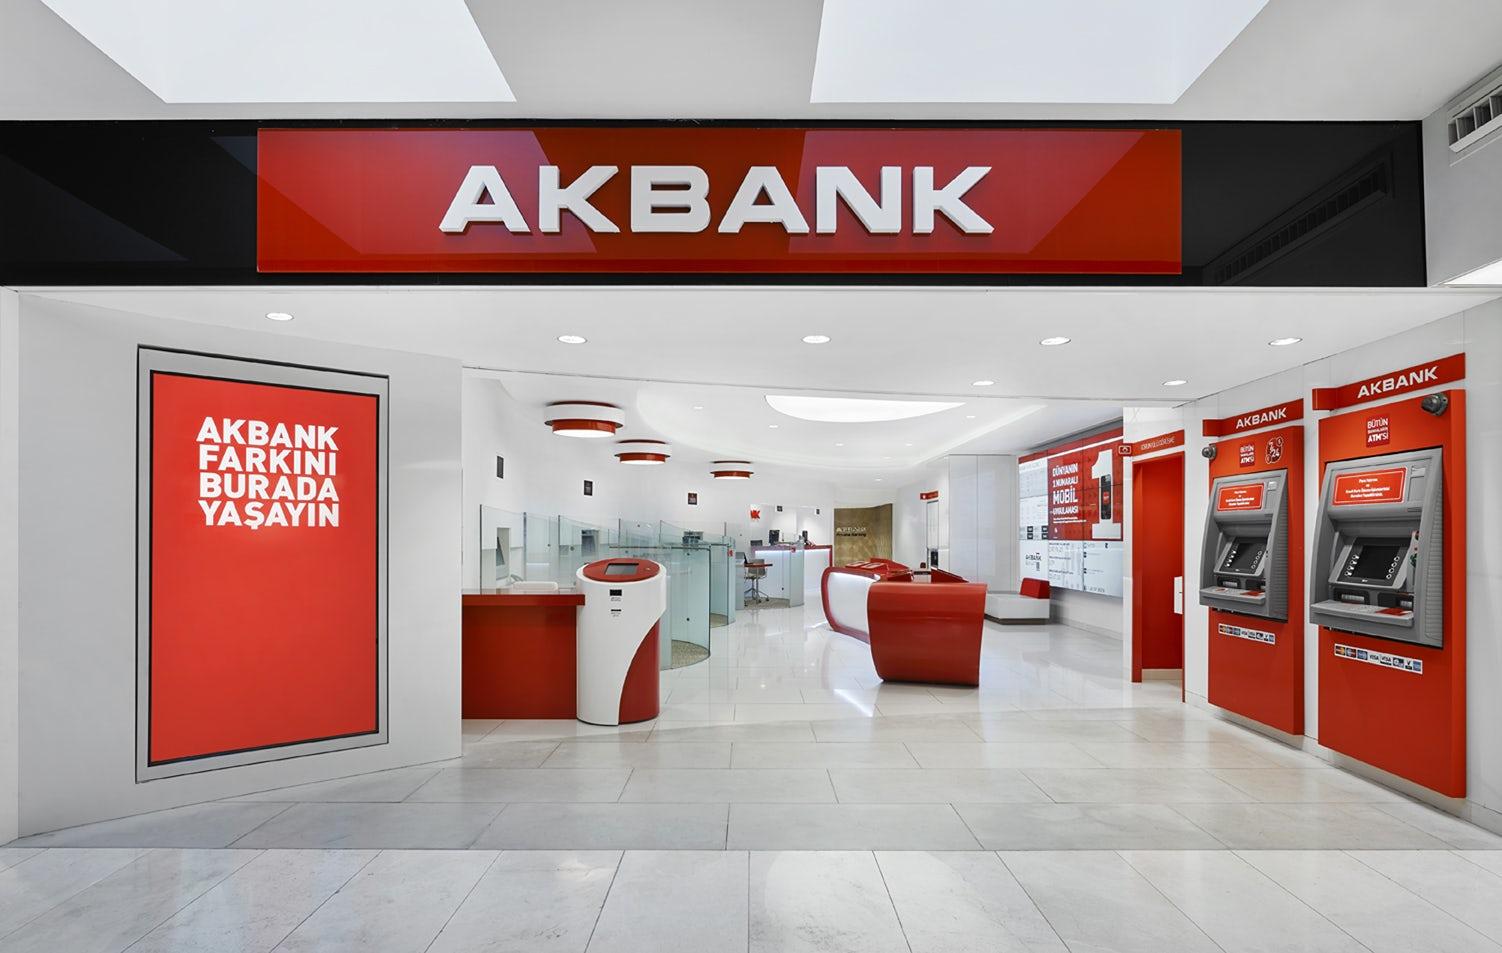 SON DAKİKA! Akbank yetkilileri açıkladı: Şubelerin çalışma saatleri uzatıldı! Hafta sonuna kadar 19.00'a dek hizmet verecek!